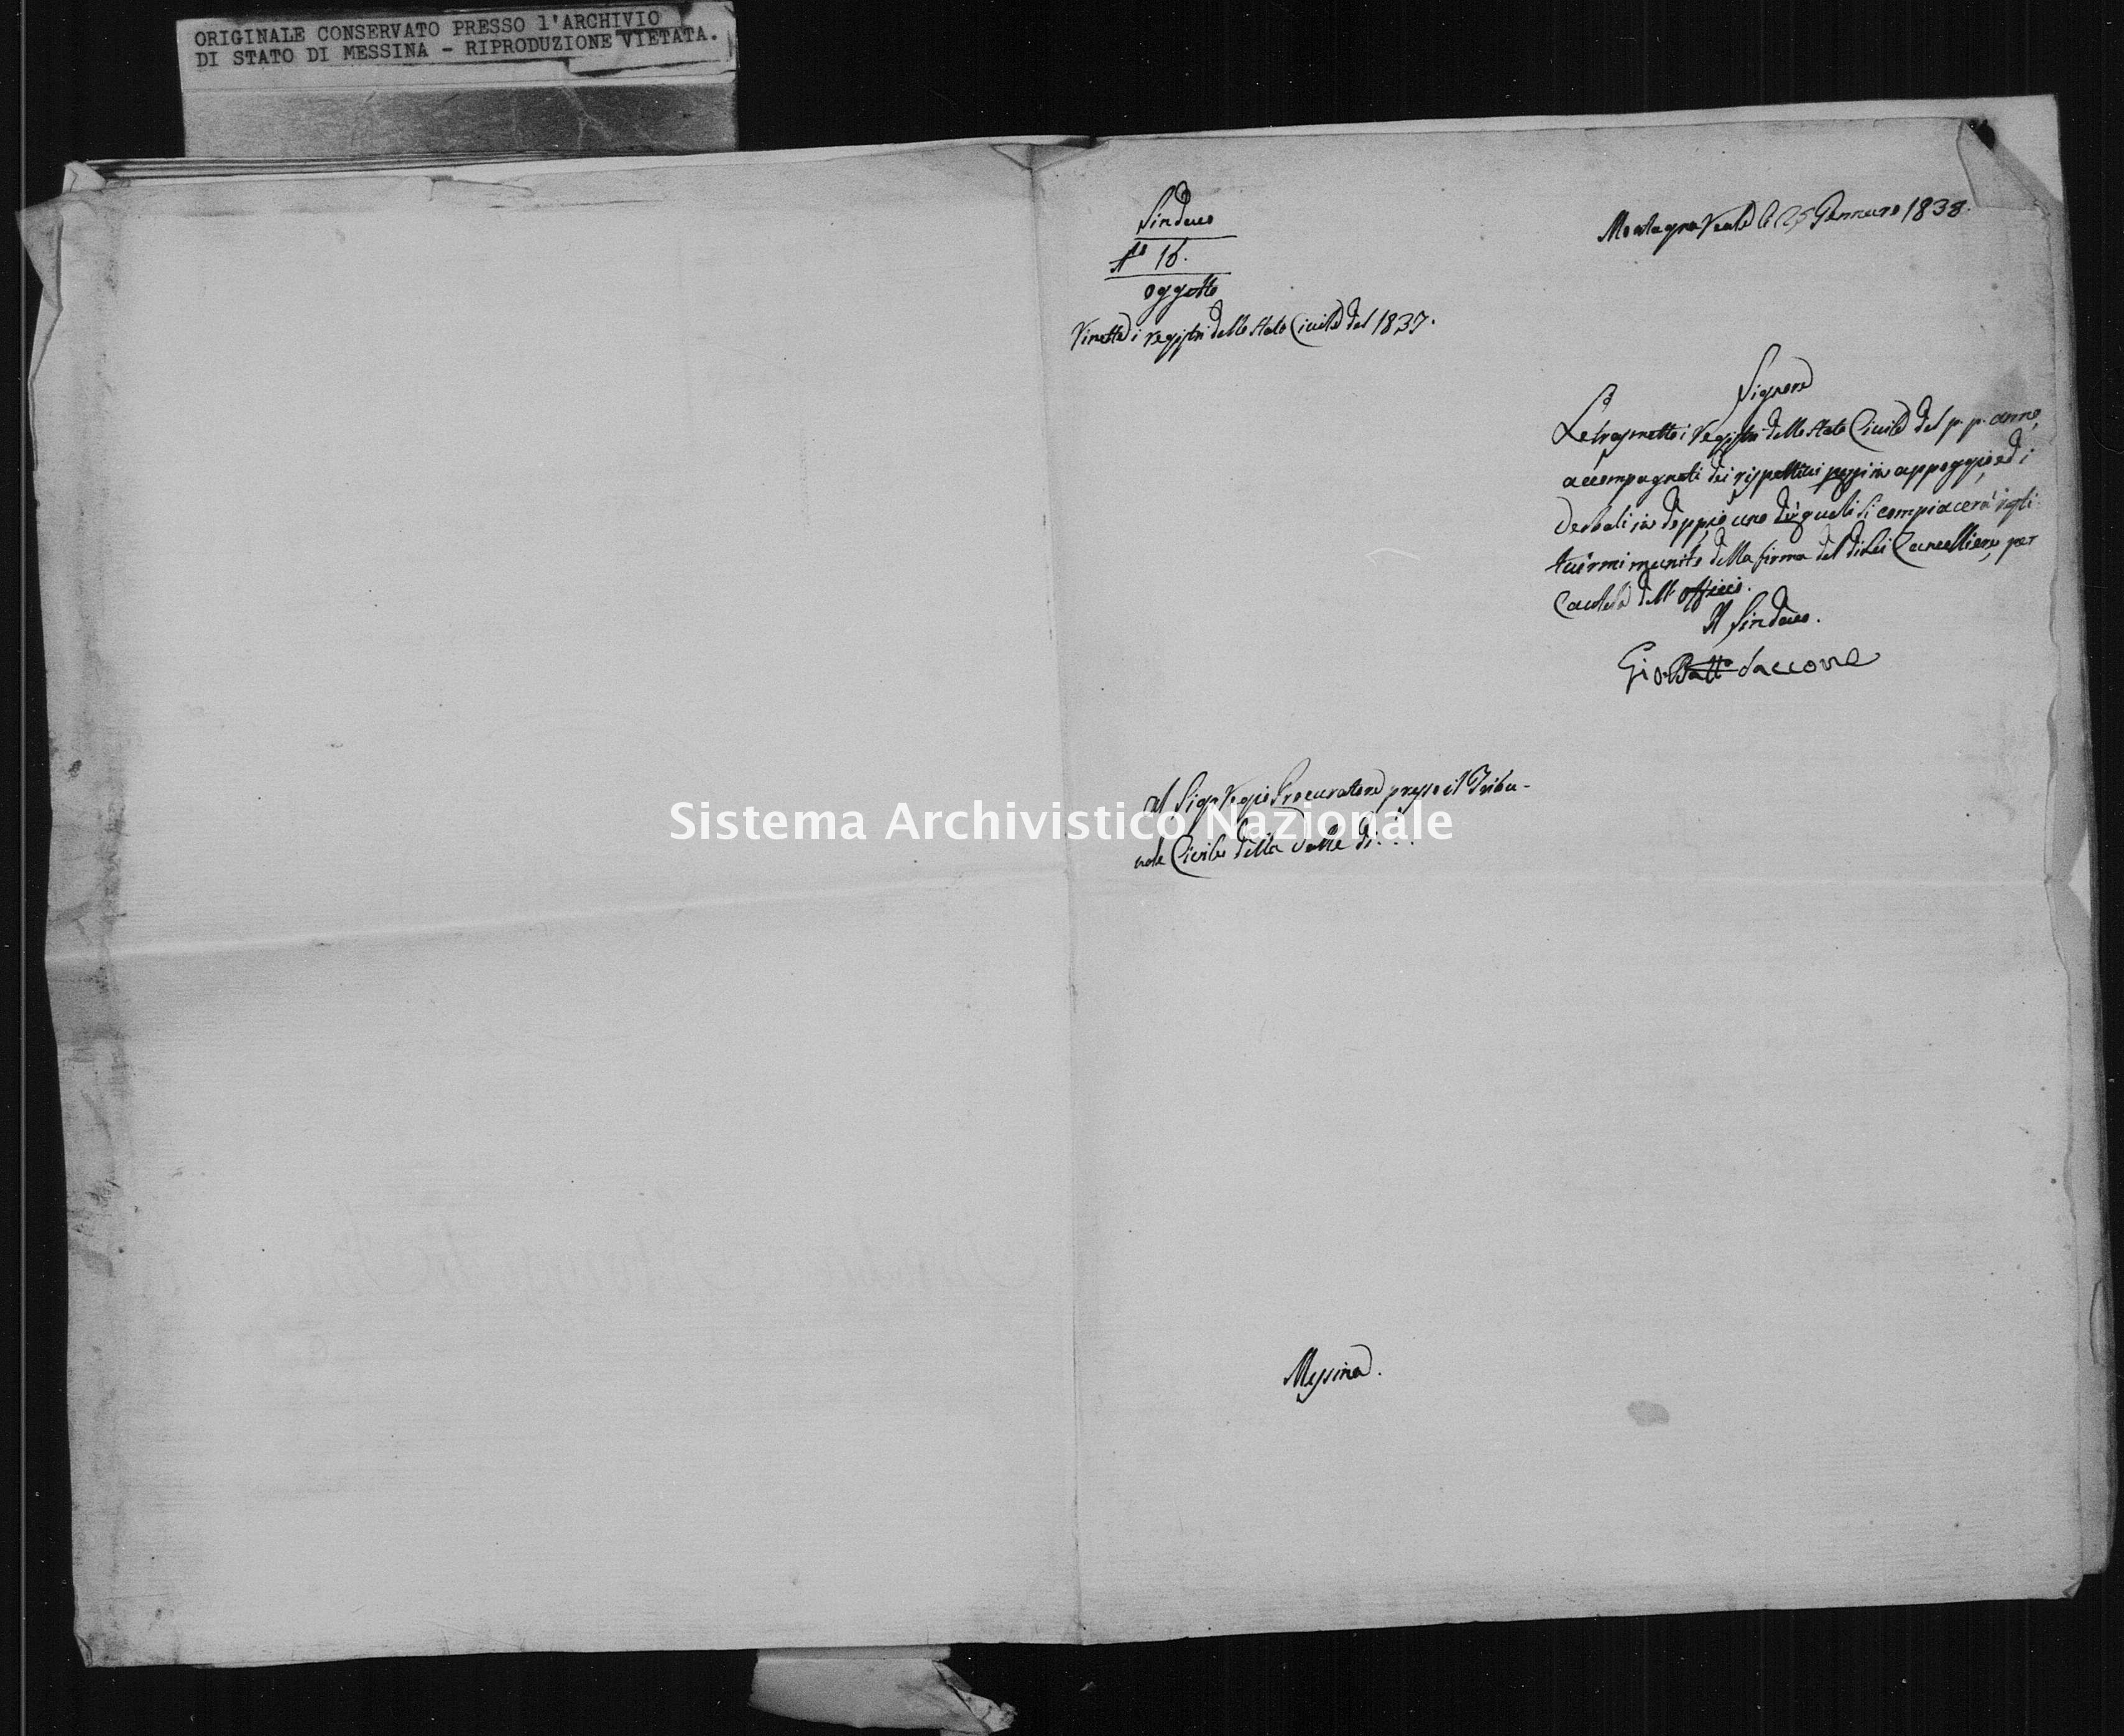 Archivio di stato di Messina - Stato civile della restaurazione - Montagnareale - Inventario - 1837 - 875 -